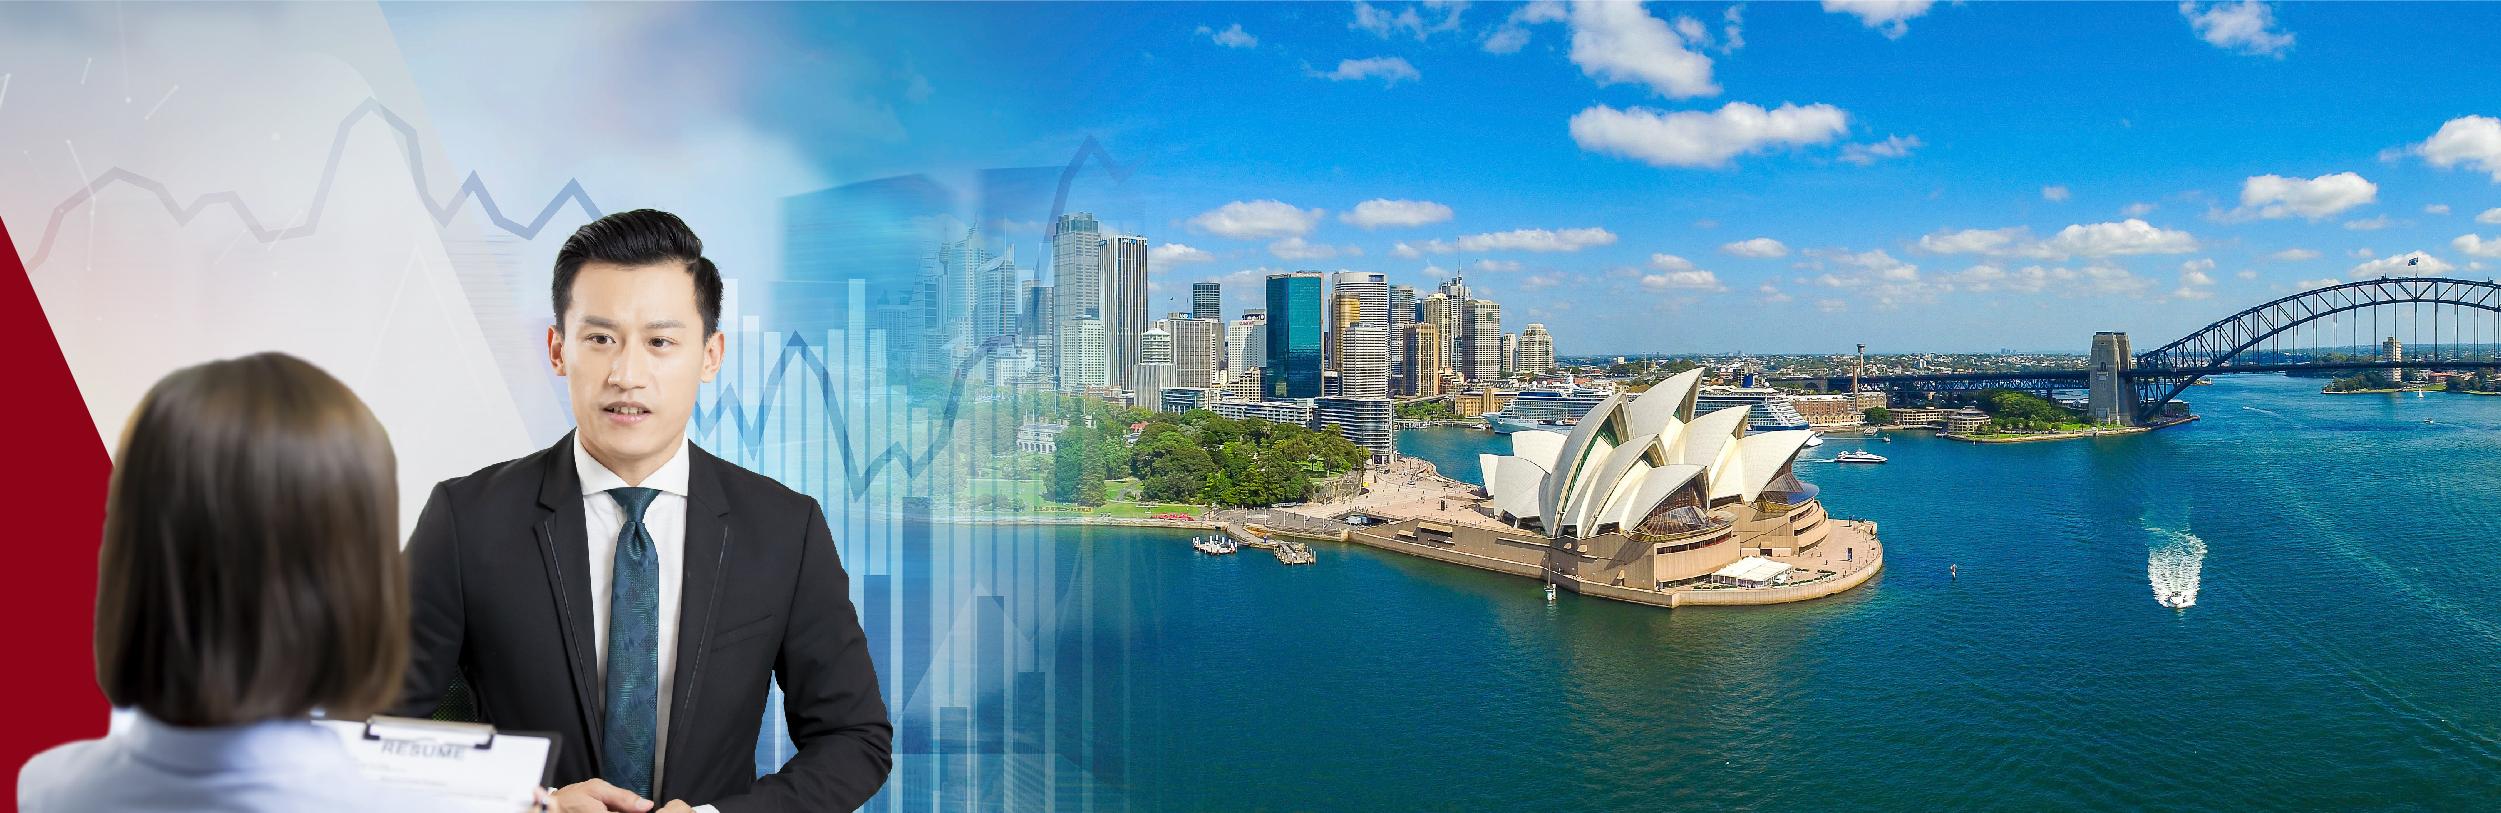 Định cư Úc theo diện Đầu tư (Visa 188B & Visa 888B) - Áp dụng từ ngày 01/07/2021